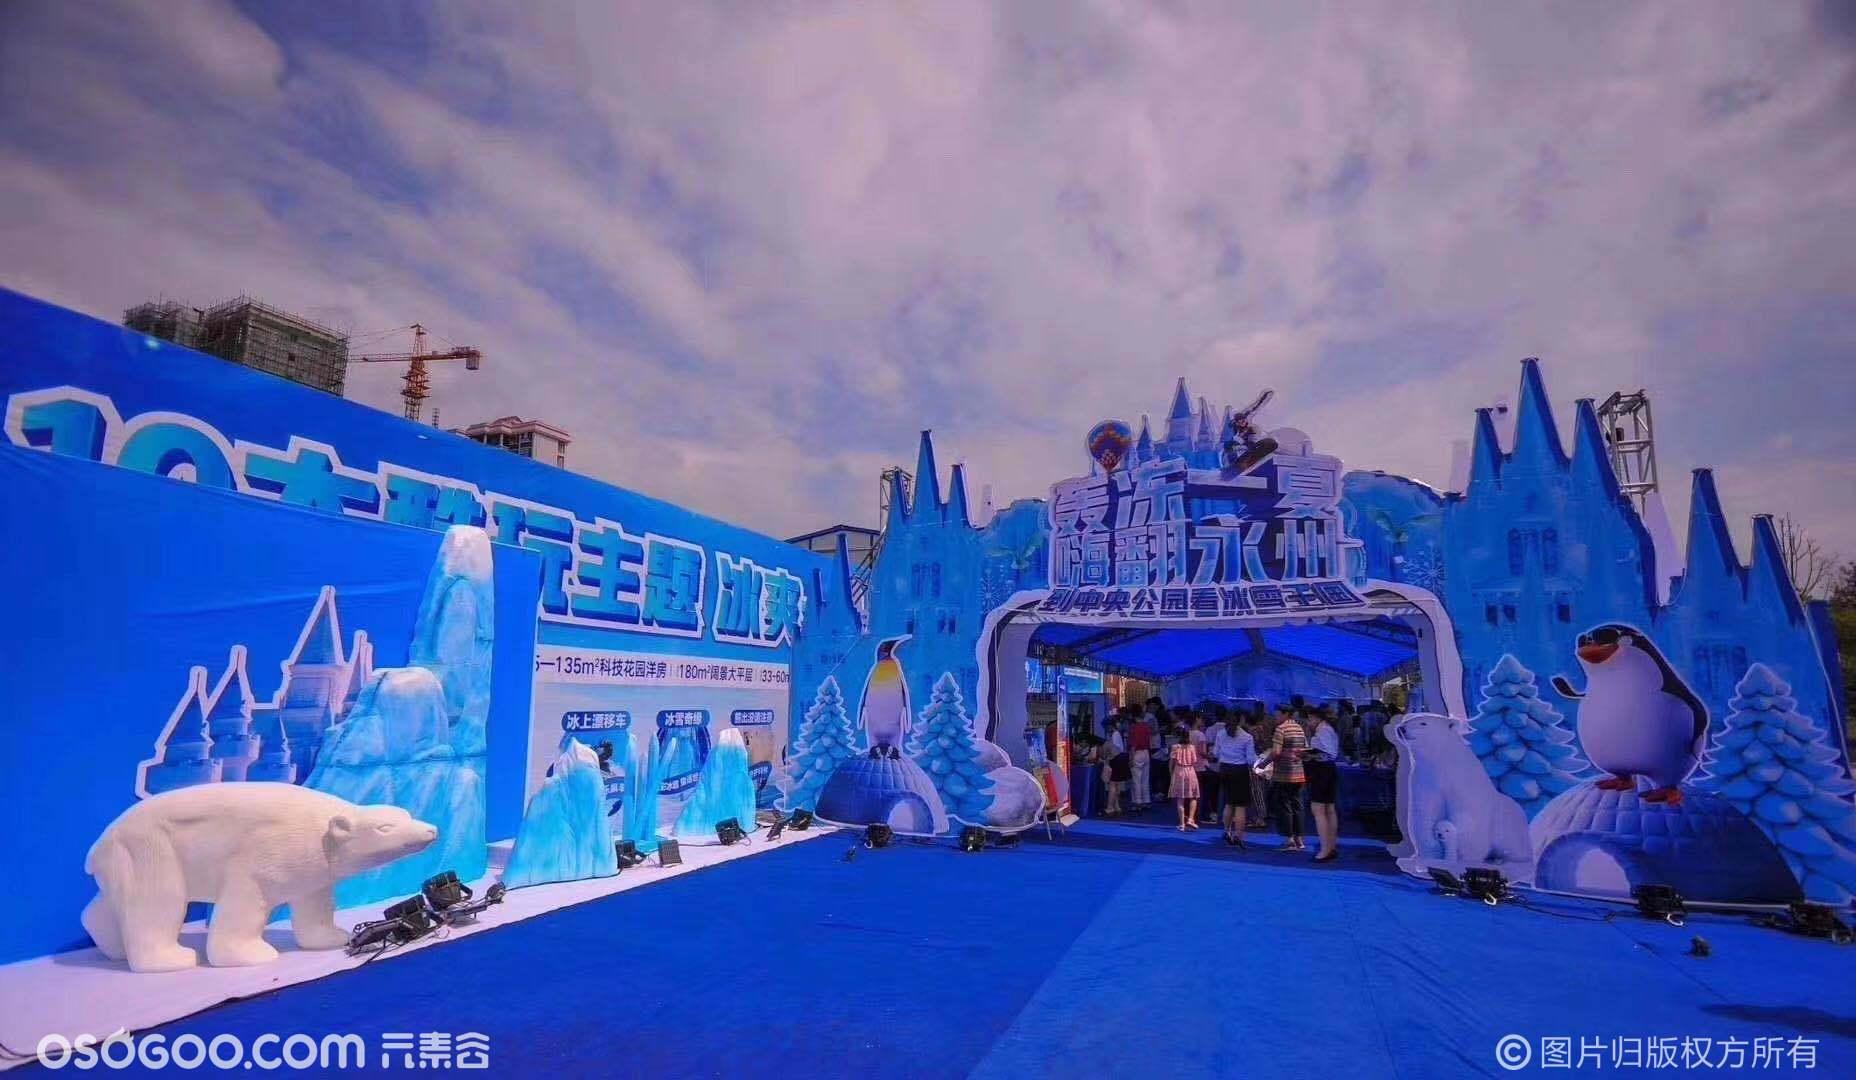 冰雪王国冰雕主题乐园制作公司冰雪冰雕展出租